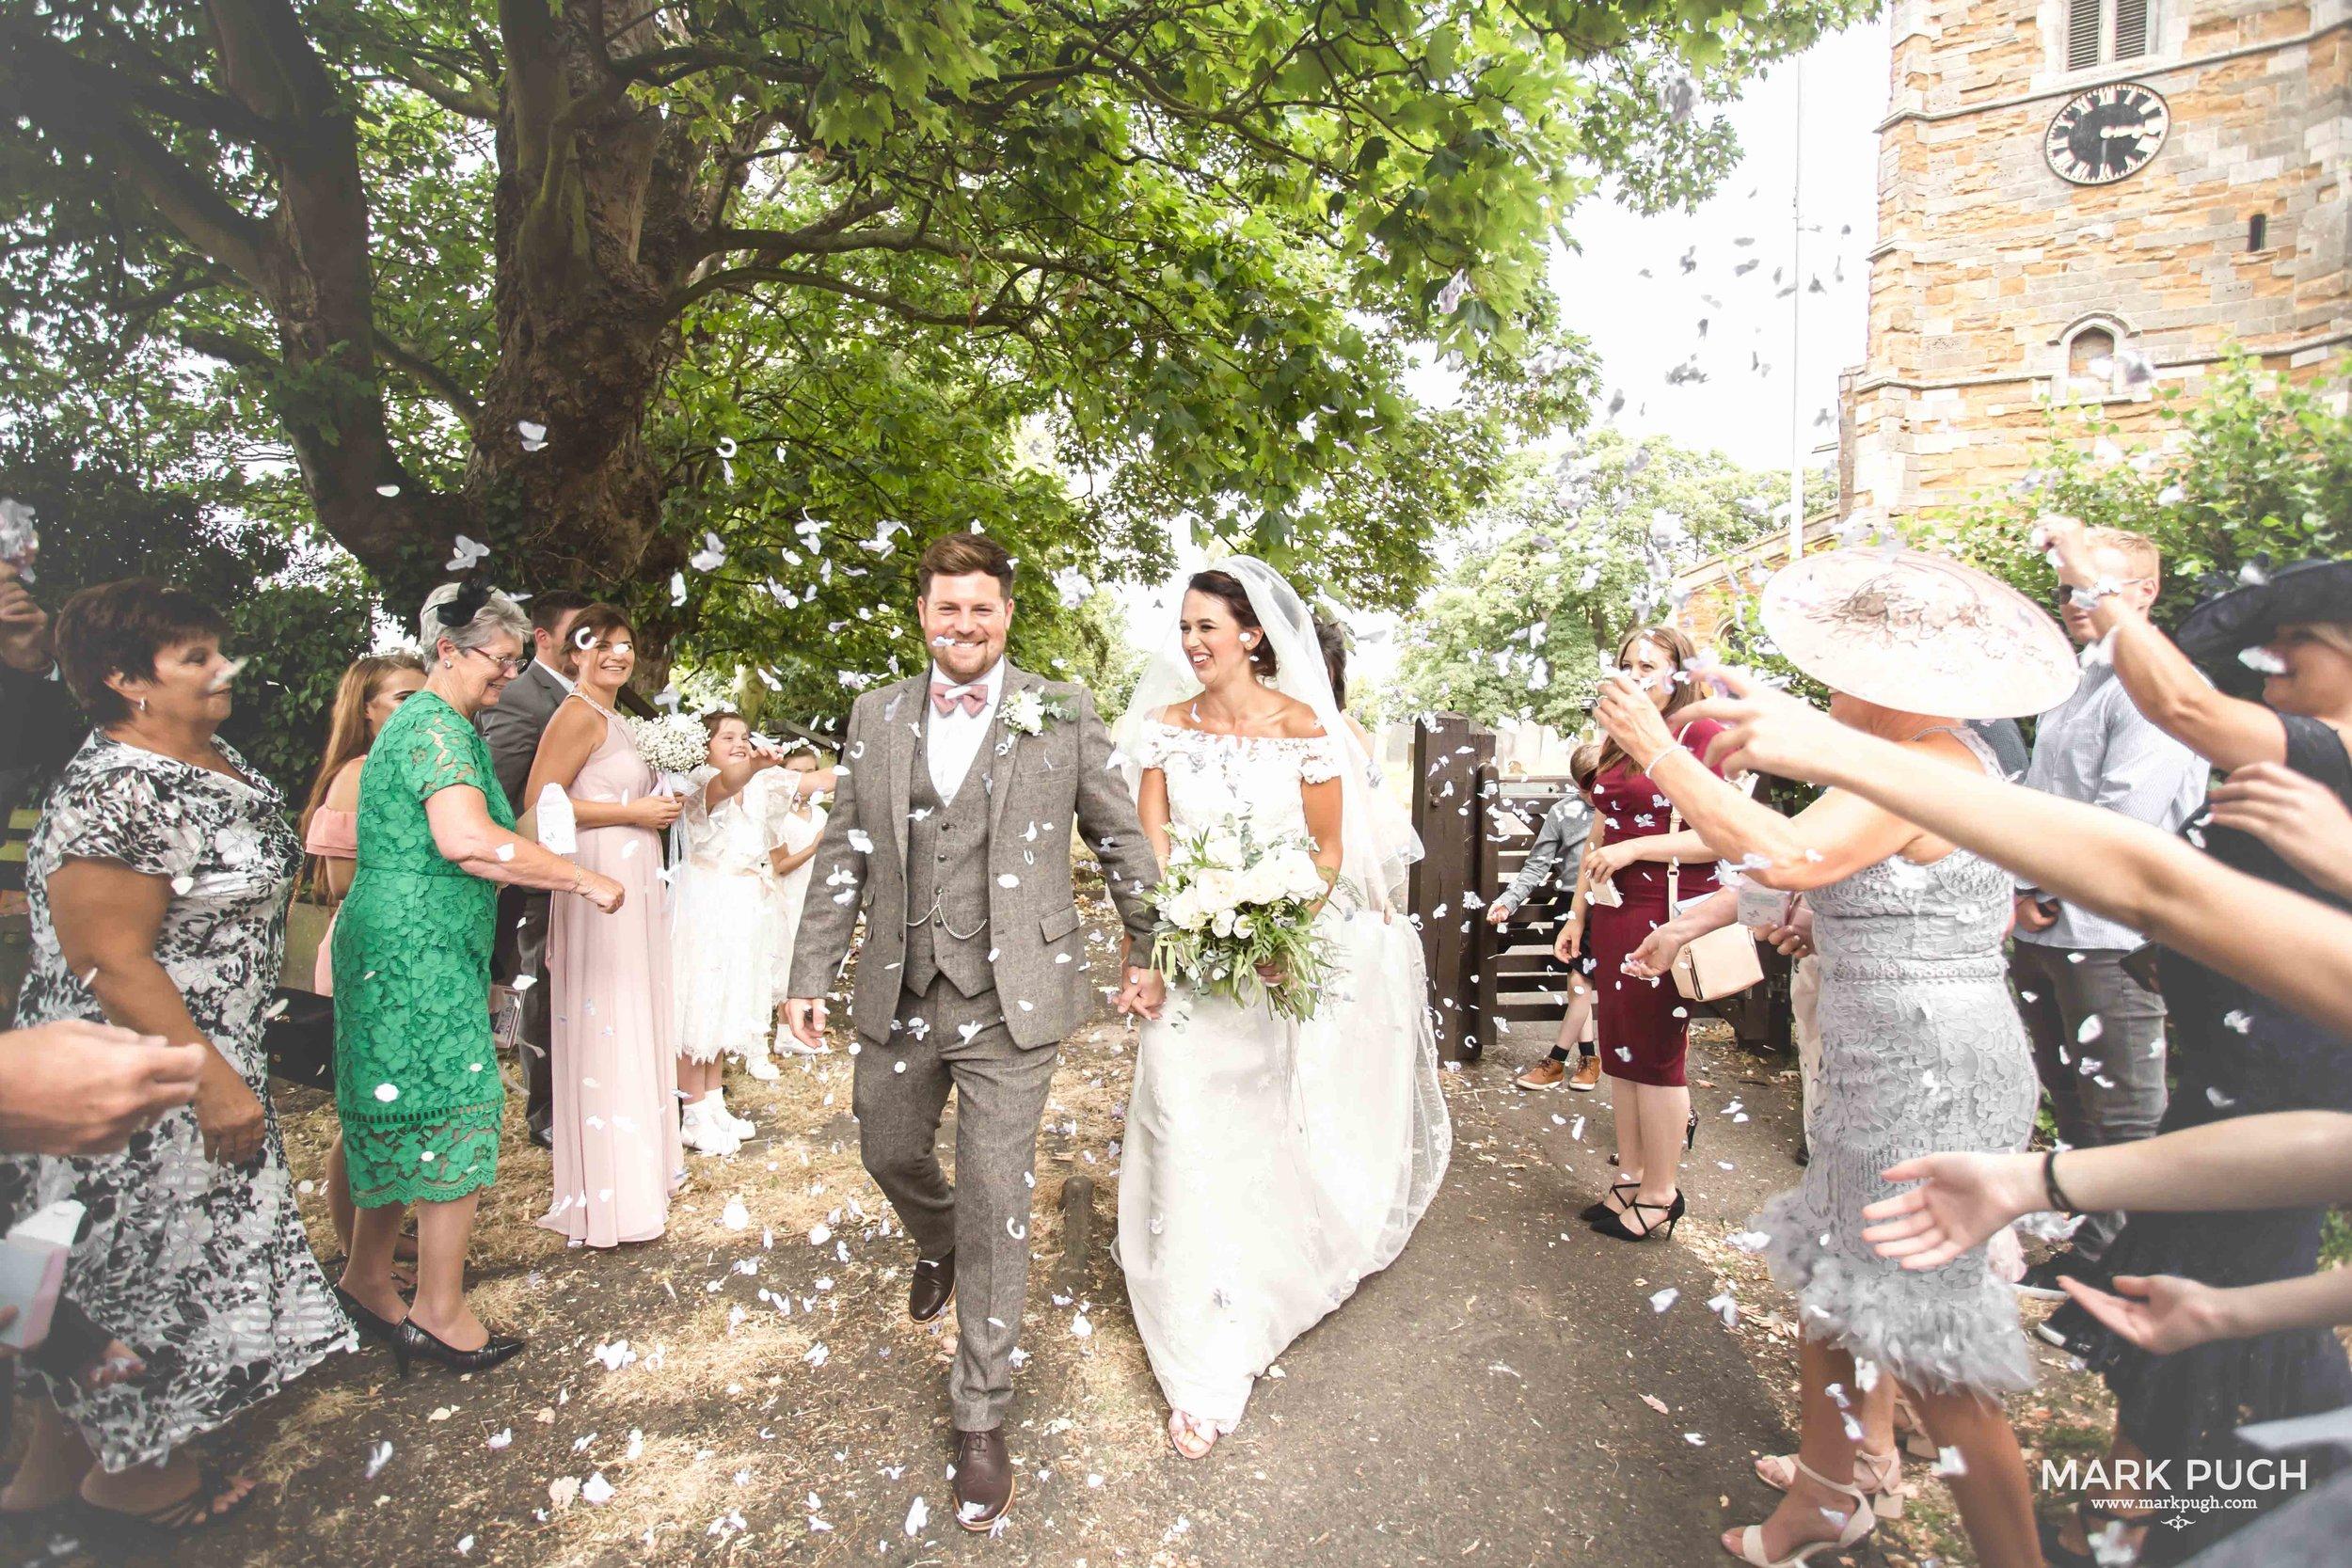 209 - fineART photography by www.markpugh.com Mark Pugh of www.mpmedia.co.uk_.JPG